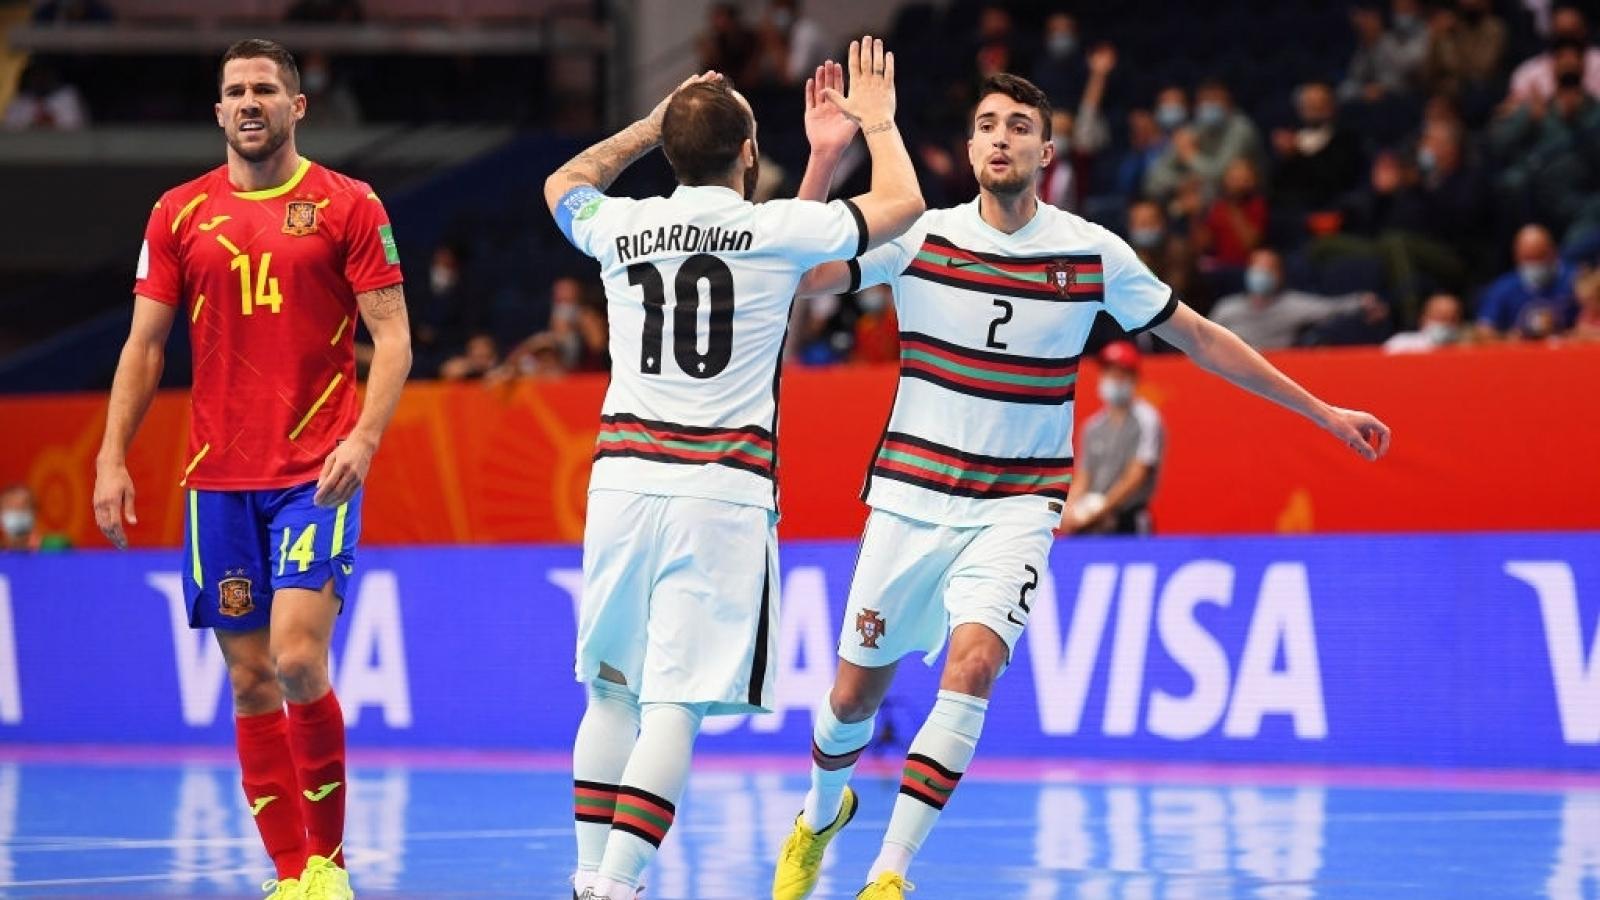 Đội bóng số 1 thế giới bị loại ở tứ kết Futsal World Cup 2021